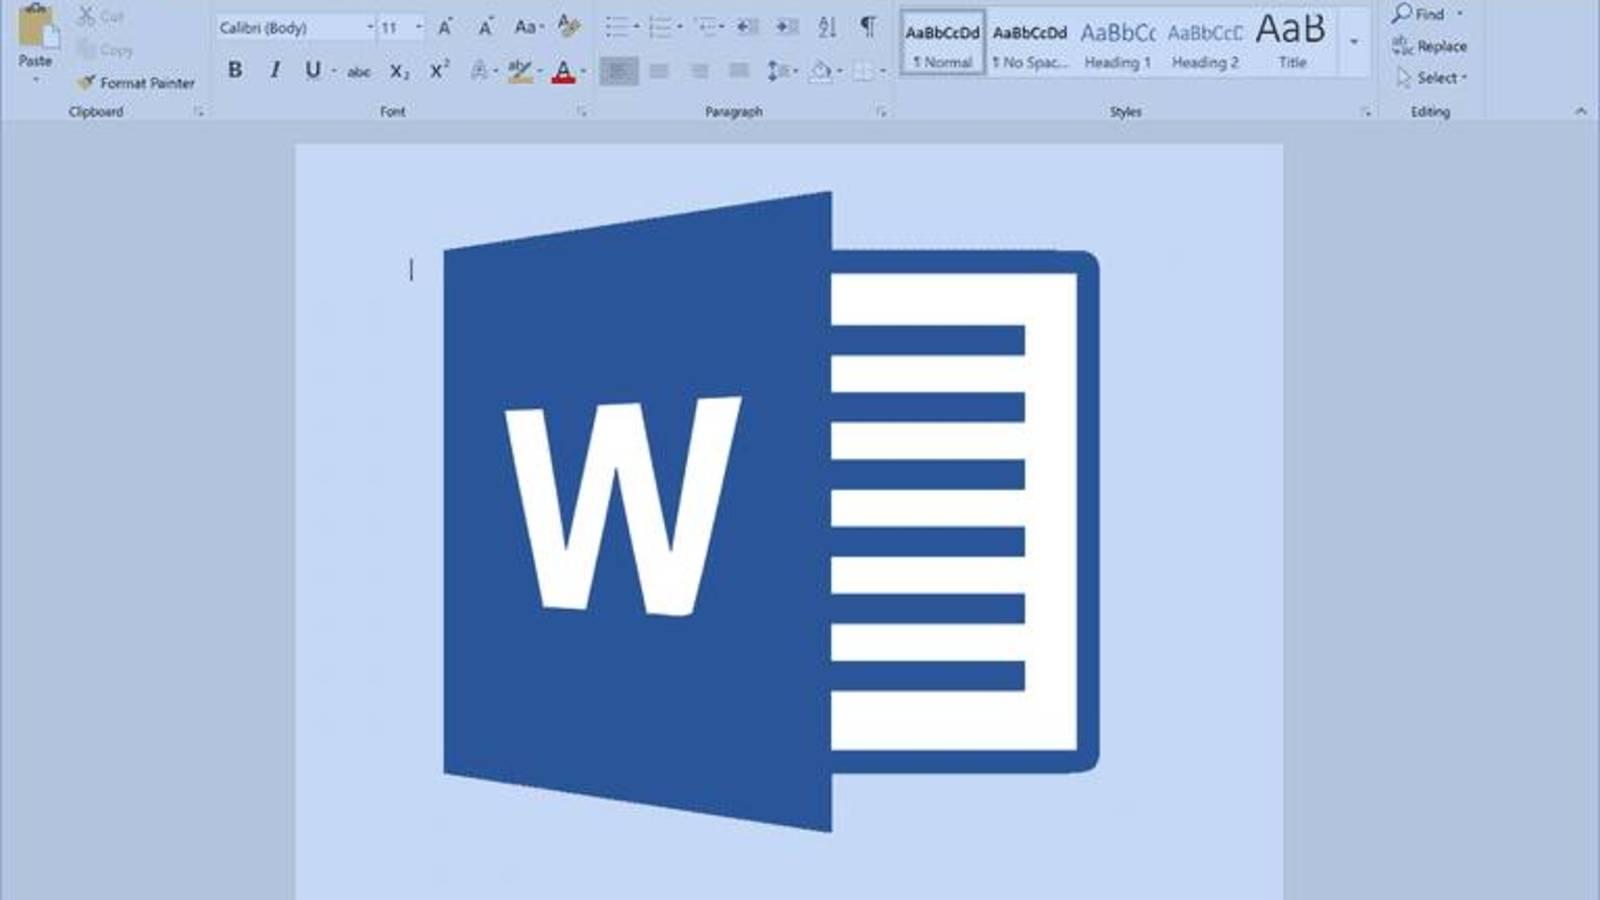 Cómo borrar o eliminar el formato de un documento en Word